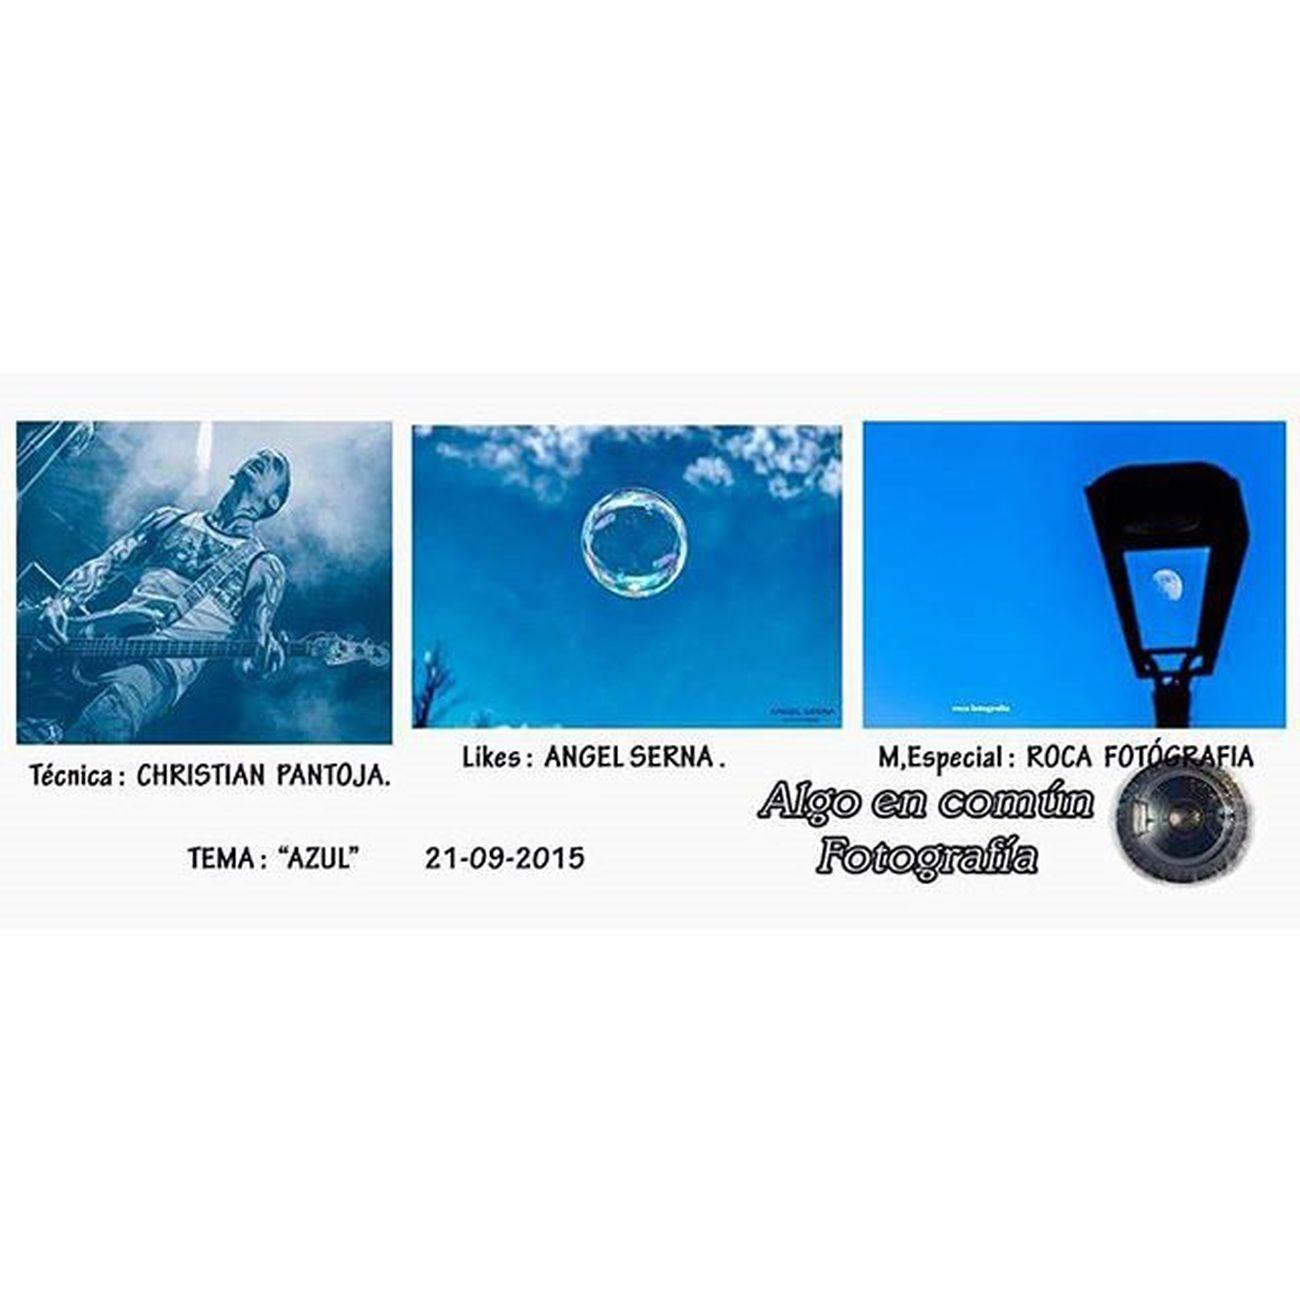 Canon 5dmarkll Mimexico Fotografo Foto Arte Tdt Mexicomagico Clicksdemexico HechoenMéxico Mochileromx  Conocemexico Mimexico Canon_official Canon_photos Cámara Rocafotografia